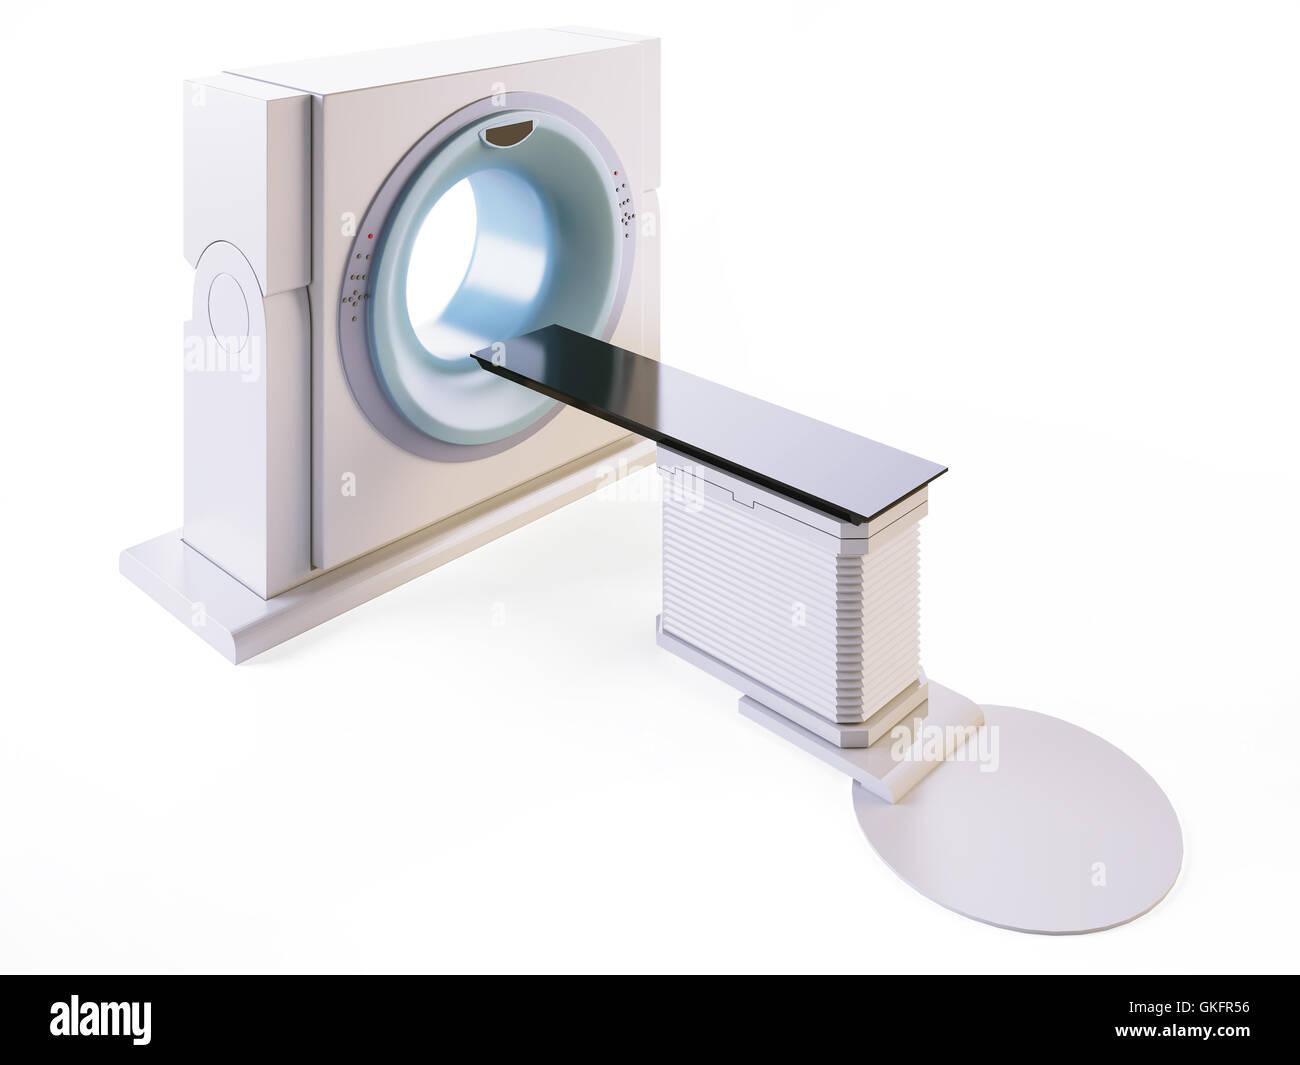 Mri Scanner Stockfotos & Mri Scanner Bilder - Seite 17 - Alamy